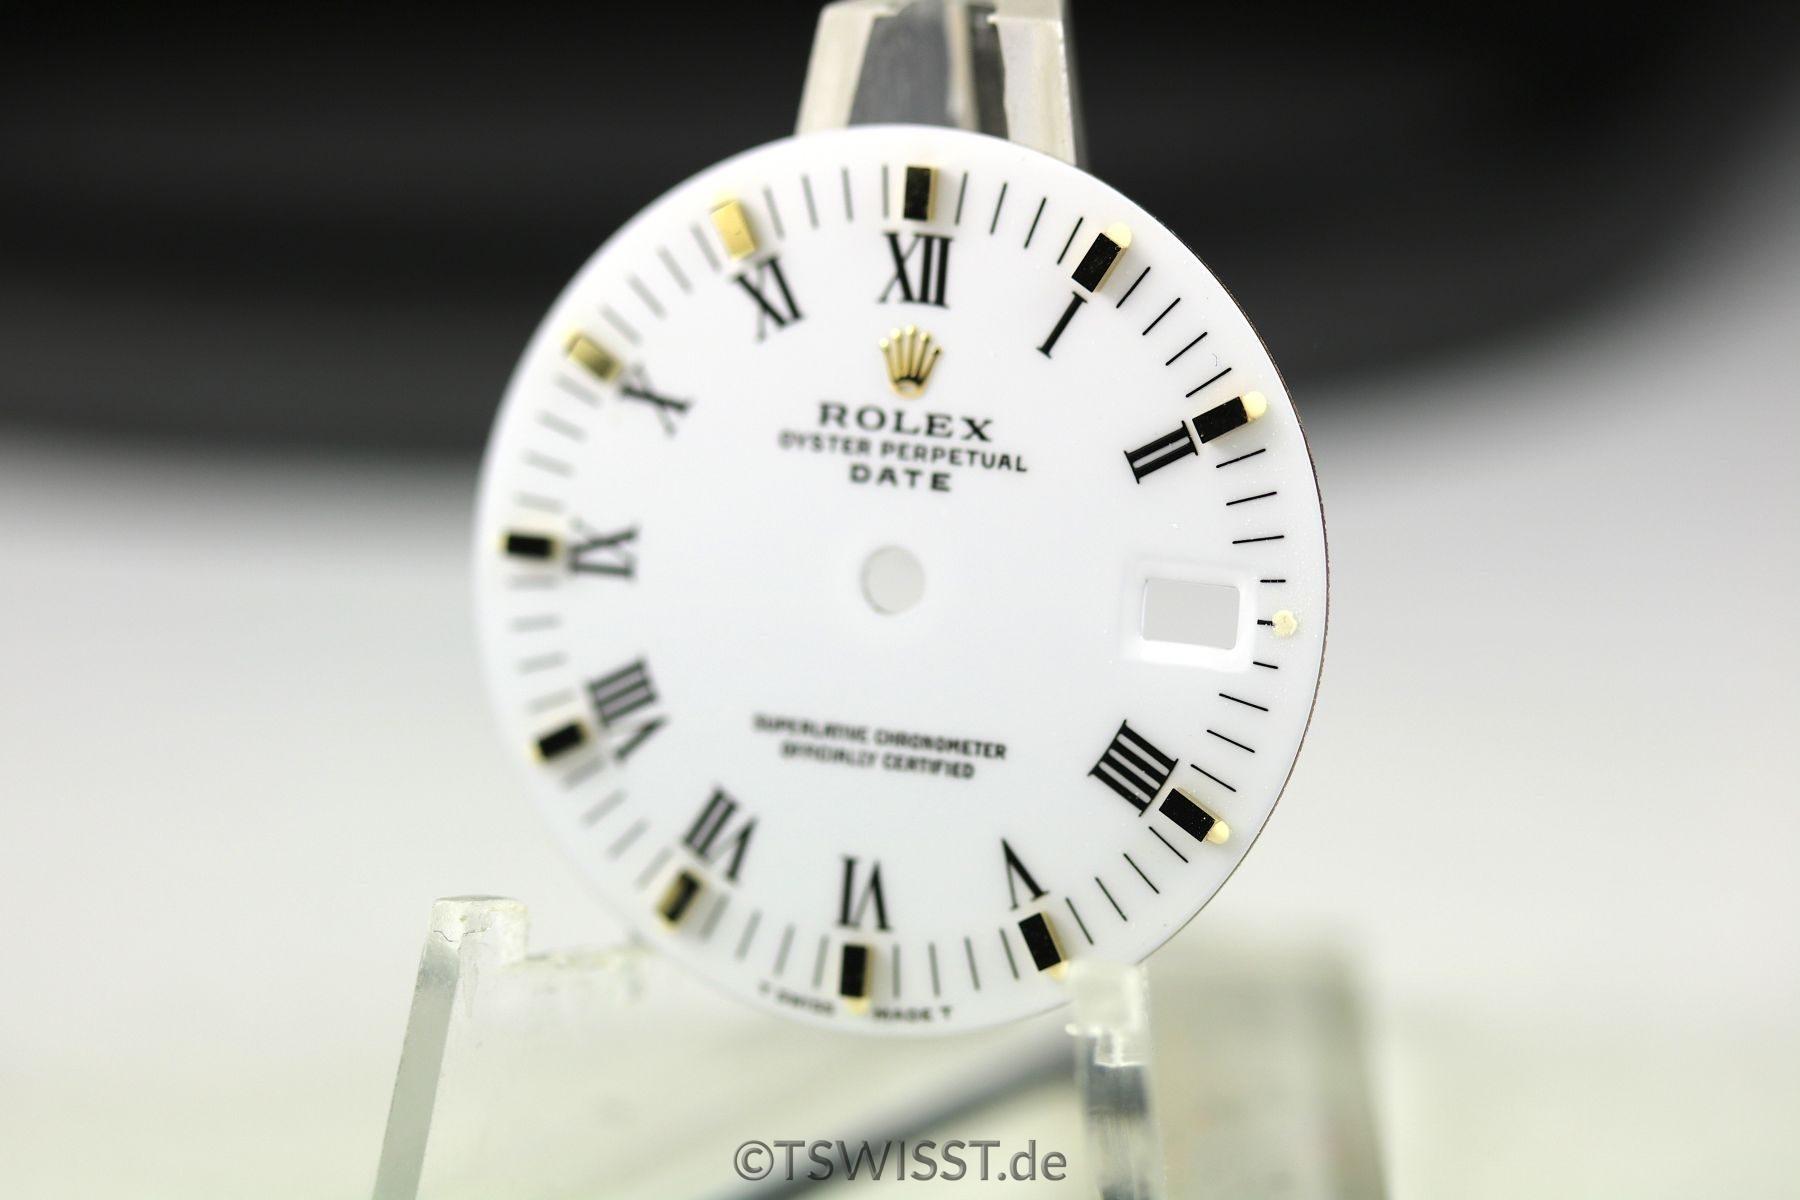 Rolex Zifferblatt für OP Date hartweiß gold Index im Neuzustand samt Zeigersatz. NOS Rolex dial for OP Date hard-white gold index in new condition including hands.